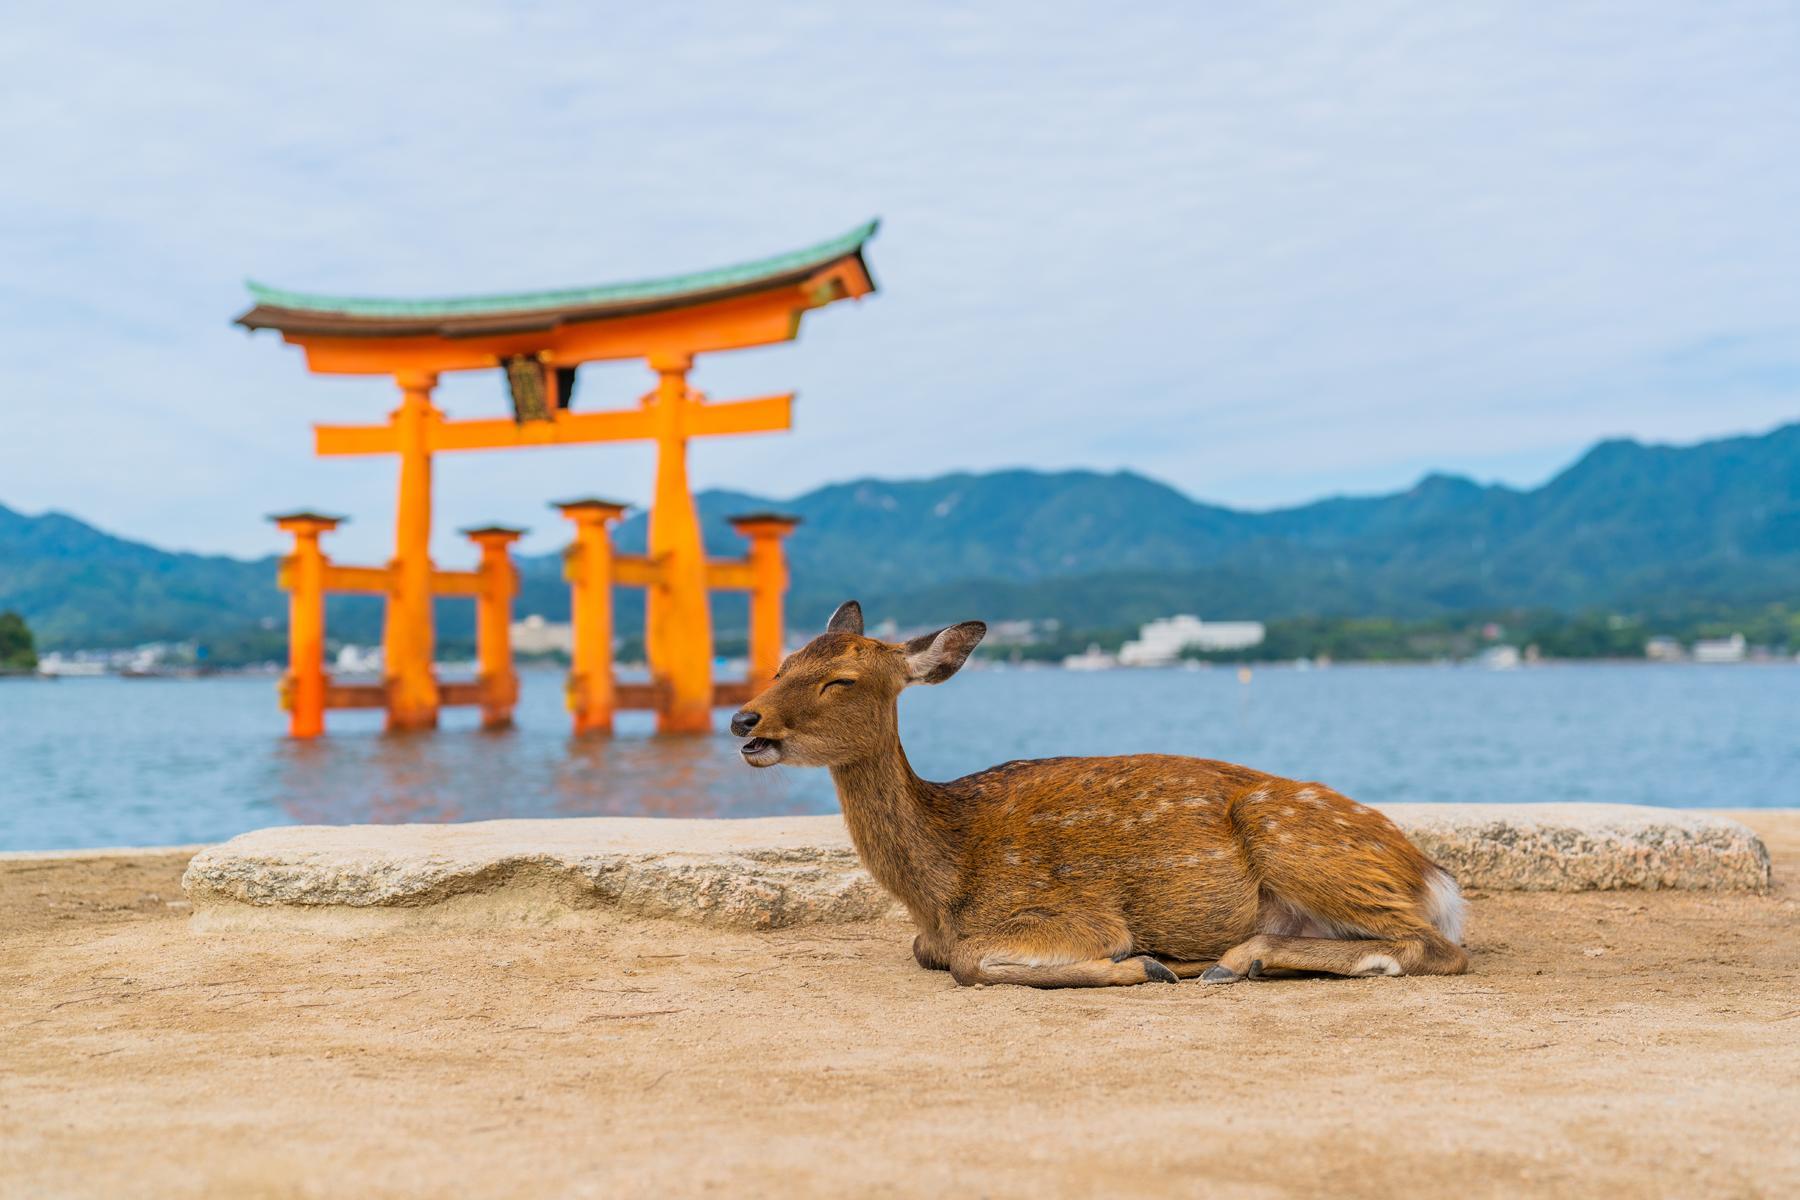 https://www.fodors.com/wp-content/uploads/2019/04/Miyajima-Happy-Island_Hero.jpg